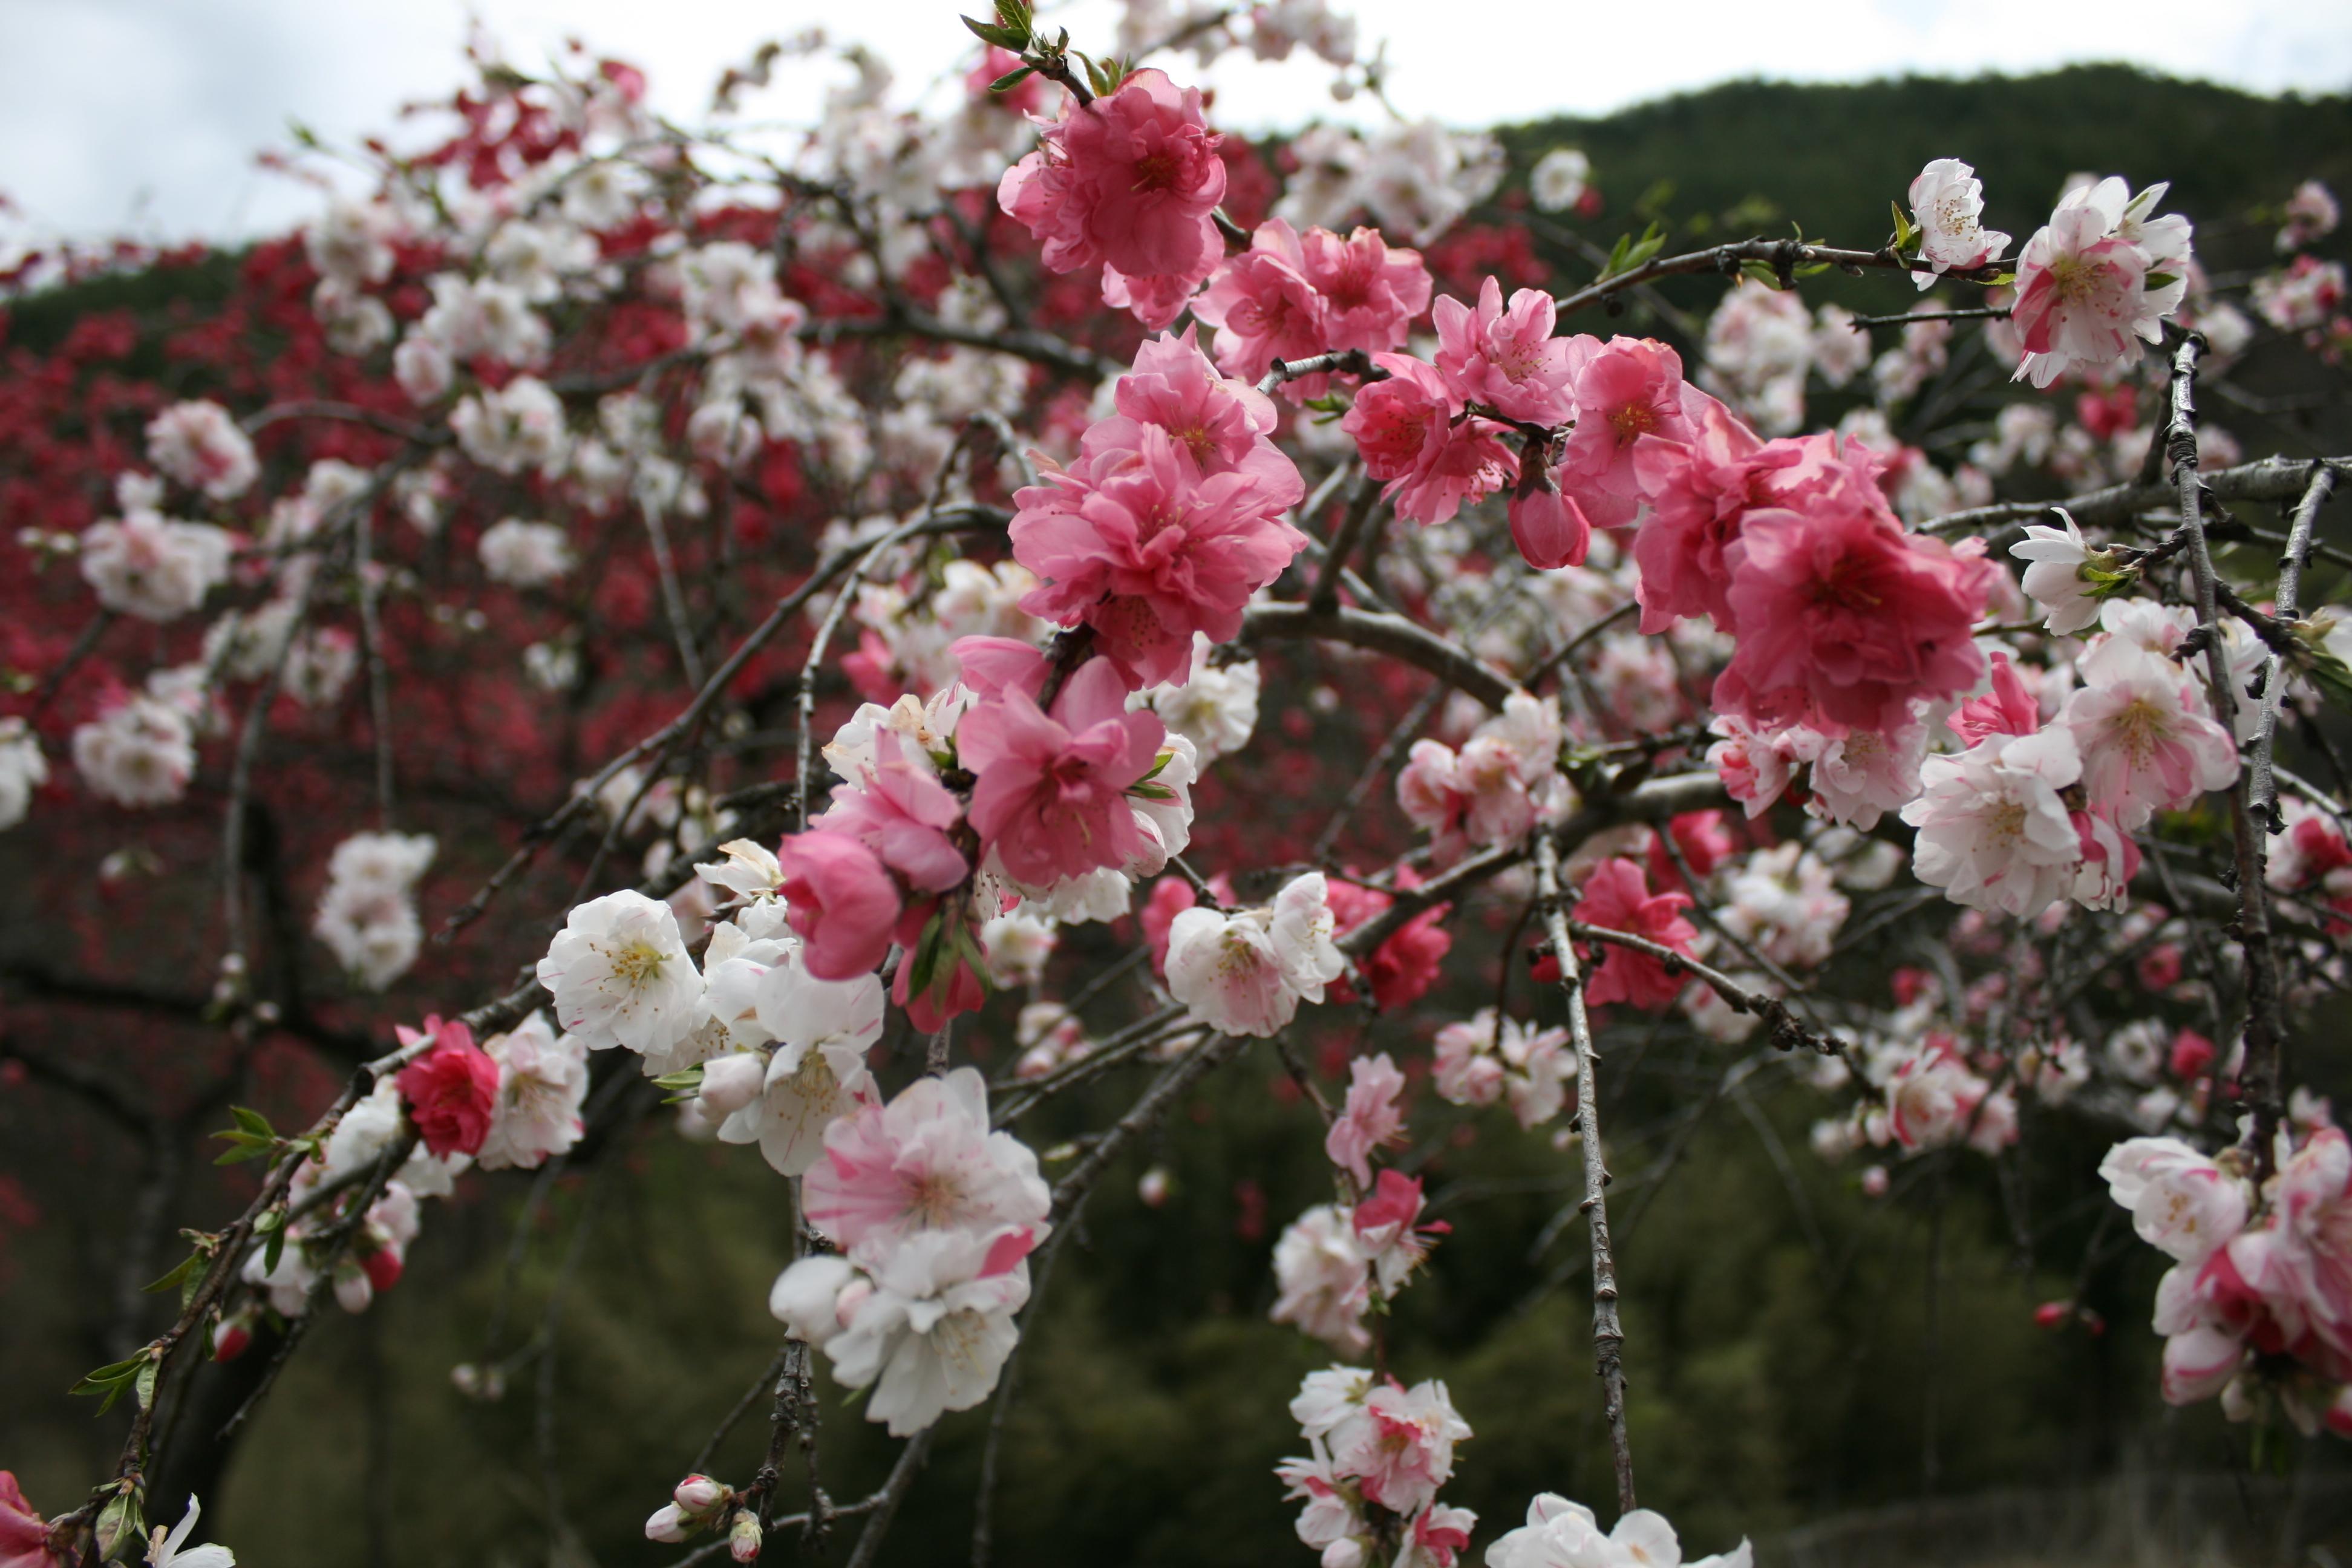 源平桃とは?見頃の季節や観光名所をご紹介!鉢植えでも育てられる?